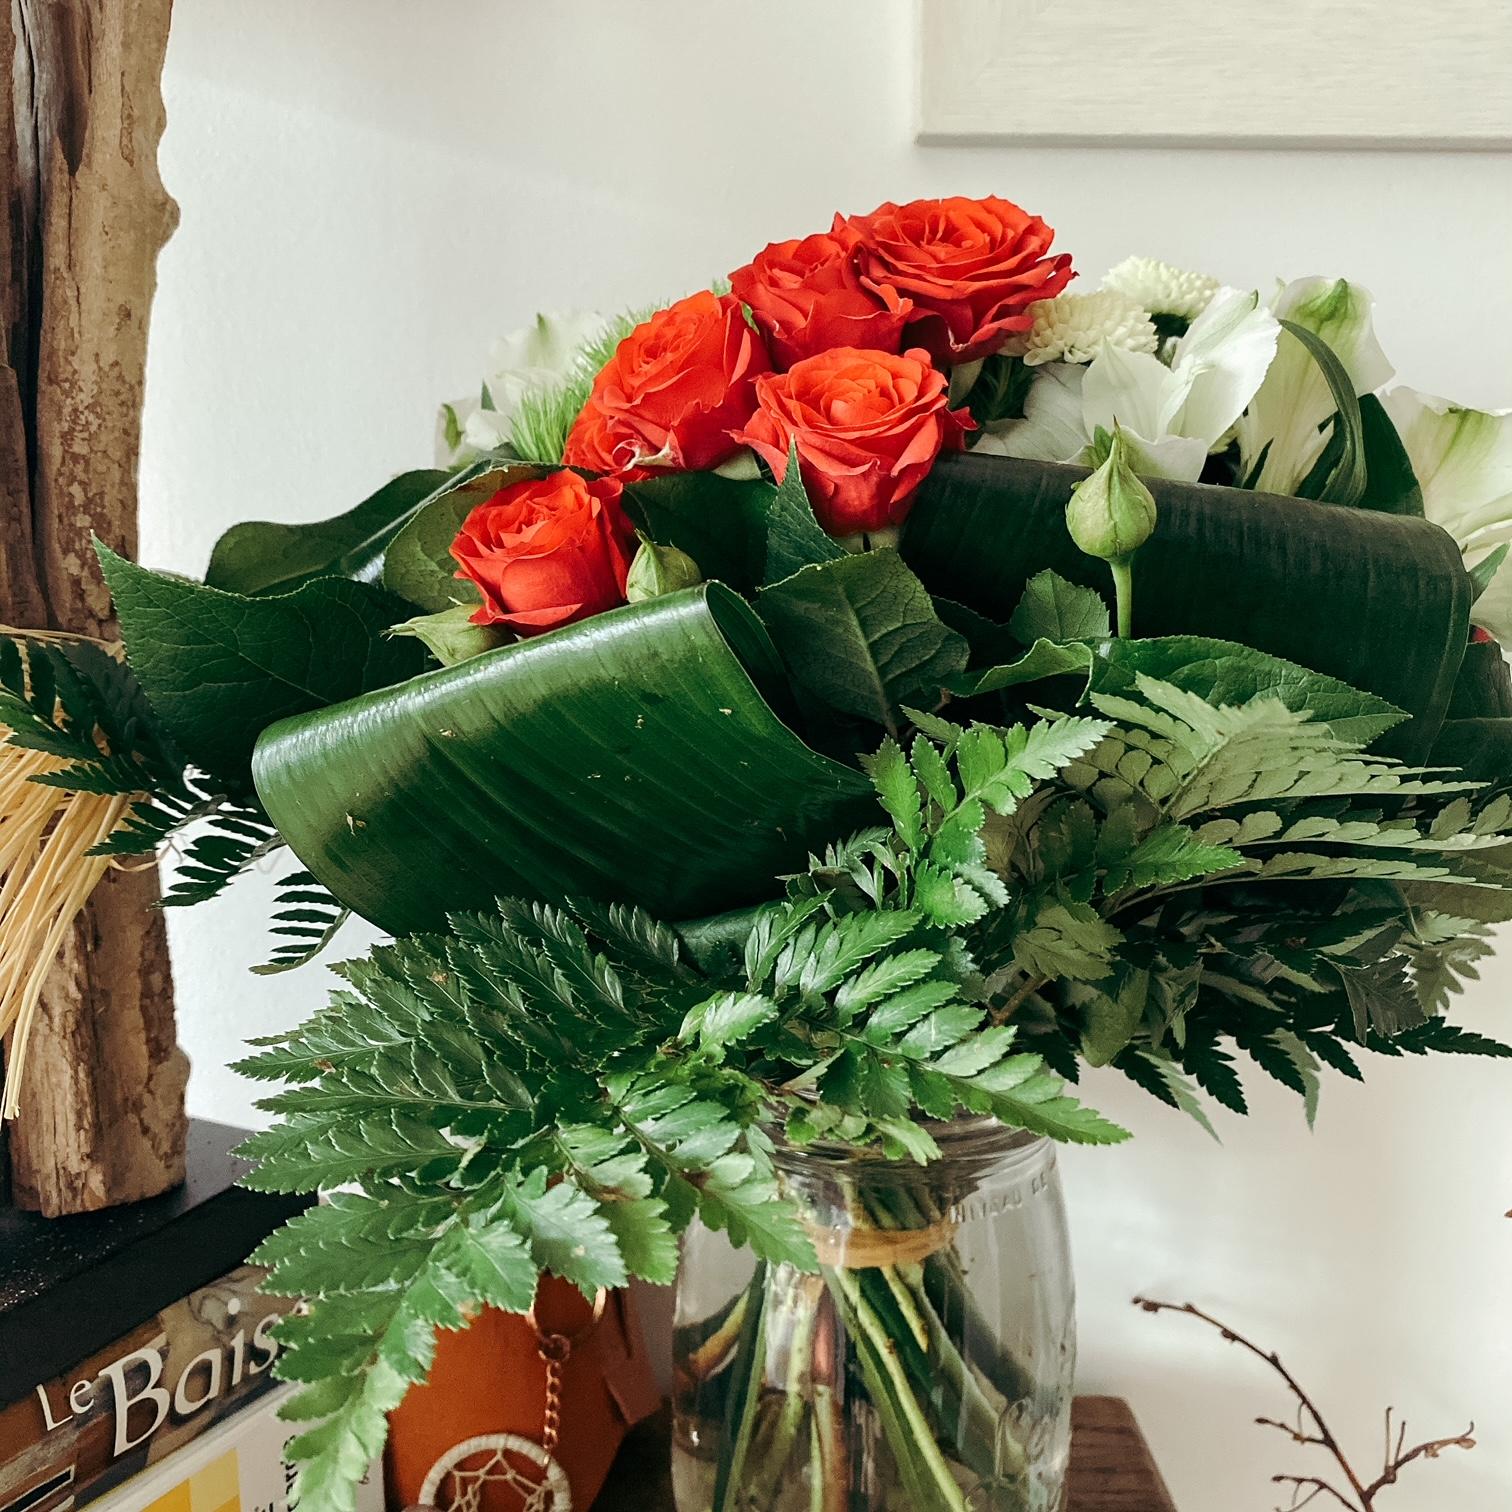 Voici les fleurs...